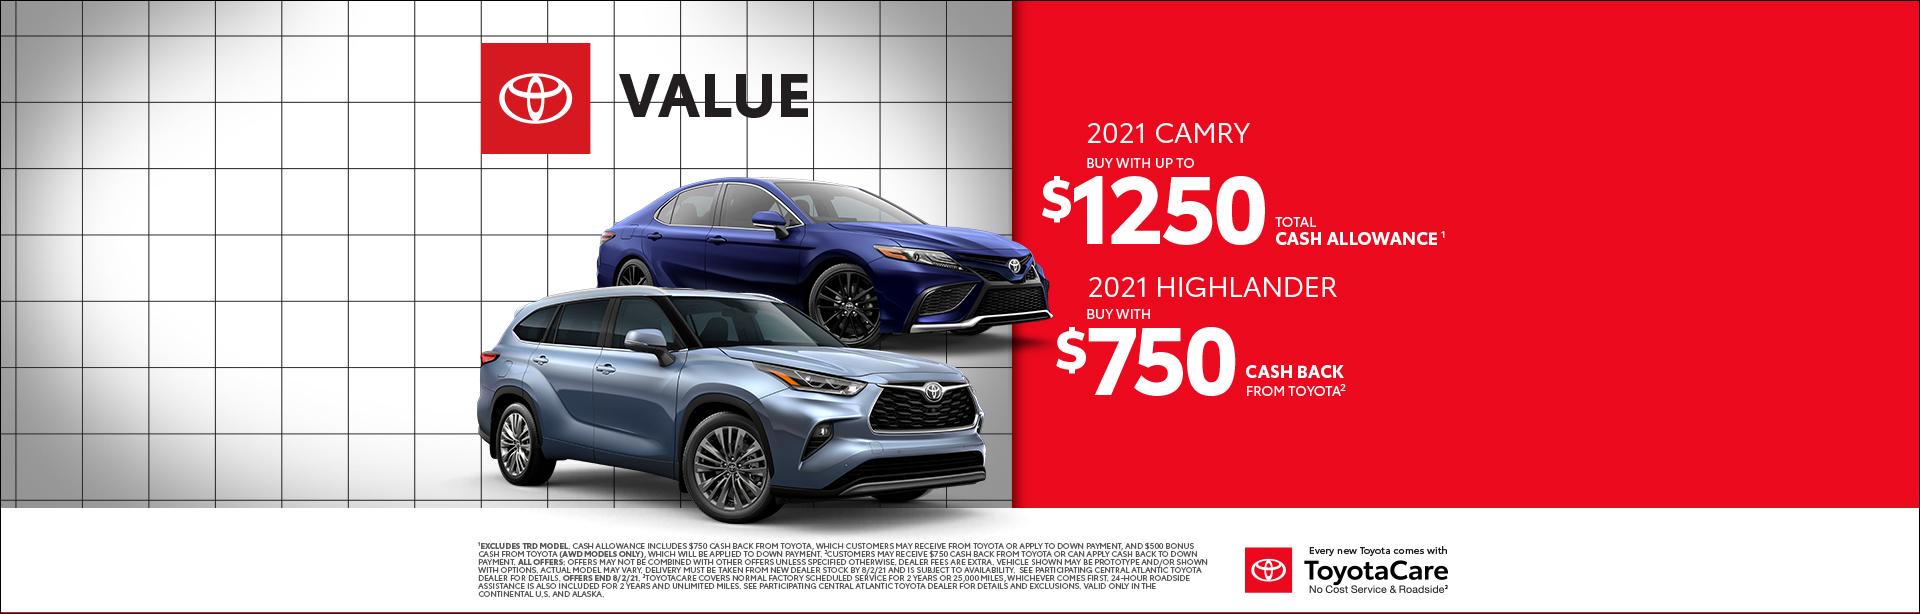 07-21_01_Central-Atlantic-Toyota-July-2021-CAT-Value_1920x614_73e4_Camry-Highlander_R_xta.jpeg